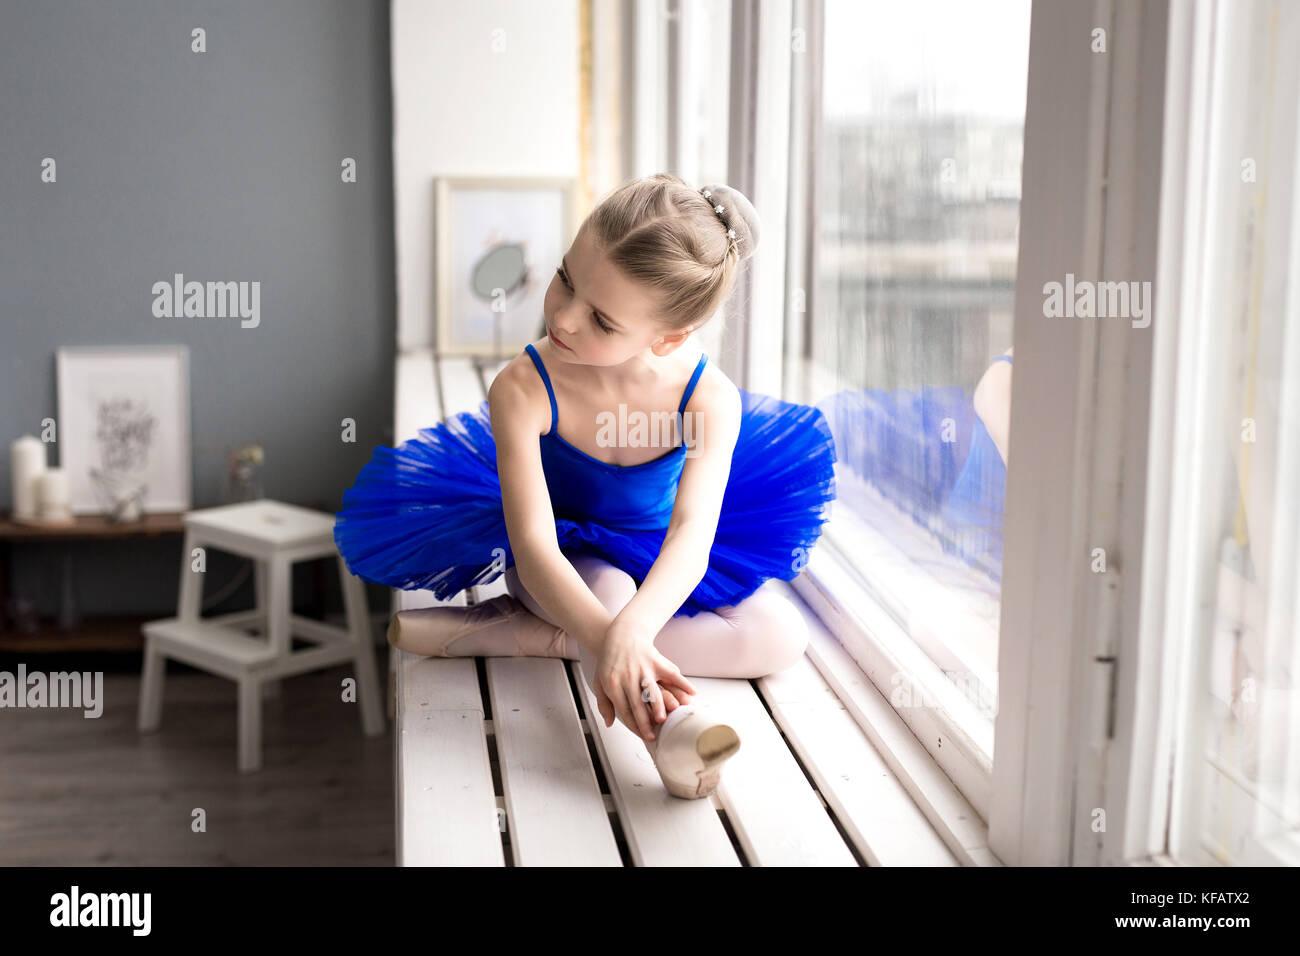 Piccola ragazza sogna di diventare una ballerina. Bambino ragazza in un balletto di blu costume dancing in una stanza. Immagini Stock